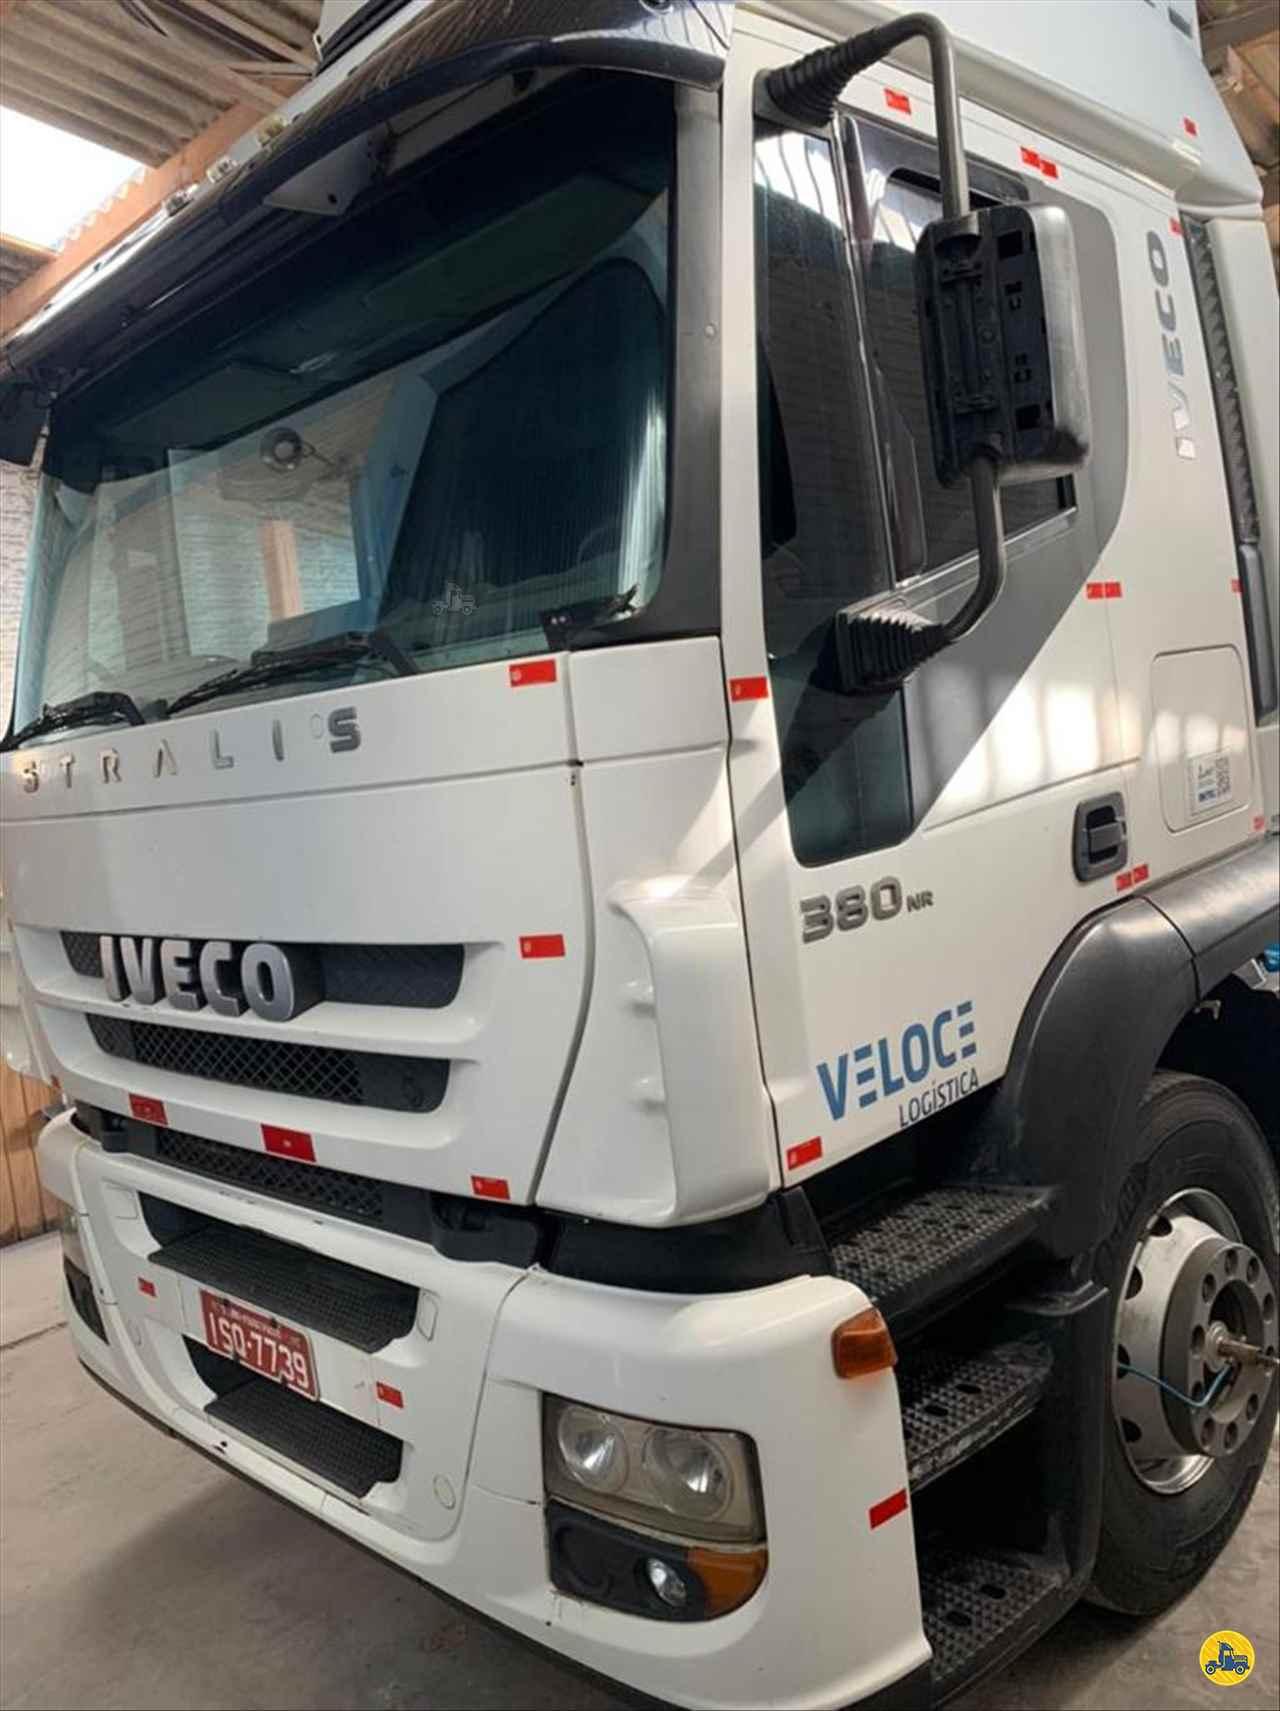 CAMINHAO IVECO STRALIS 380 Cavalo Mecânico Toco 4x2 Zanon Caminhões e Implementos PASSO FUNDO RIO GRANDE DO SUL RS